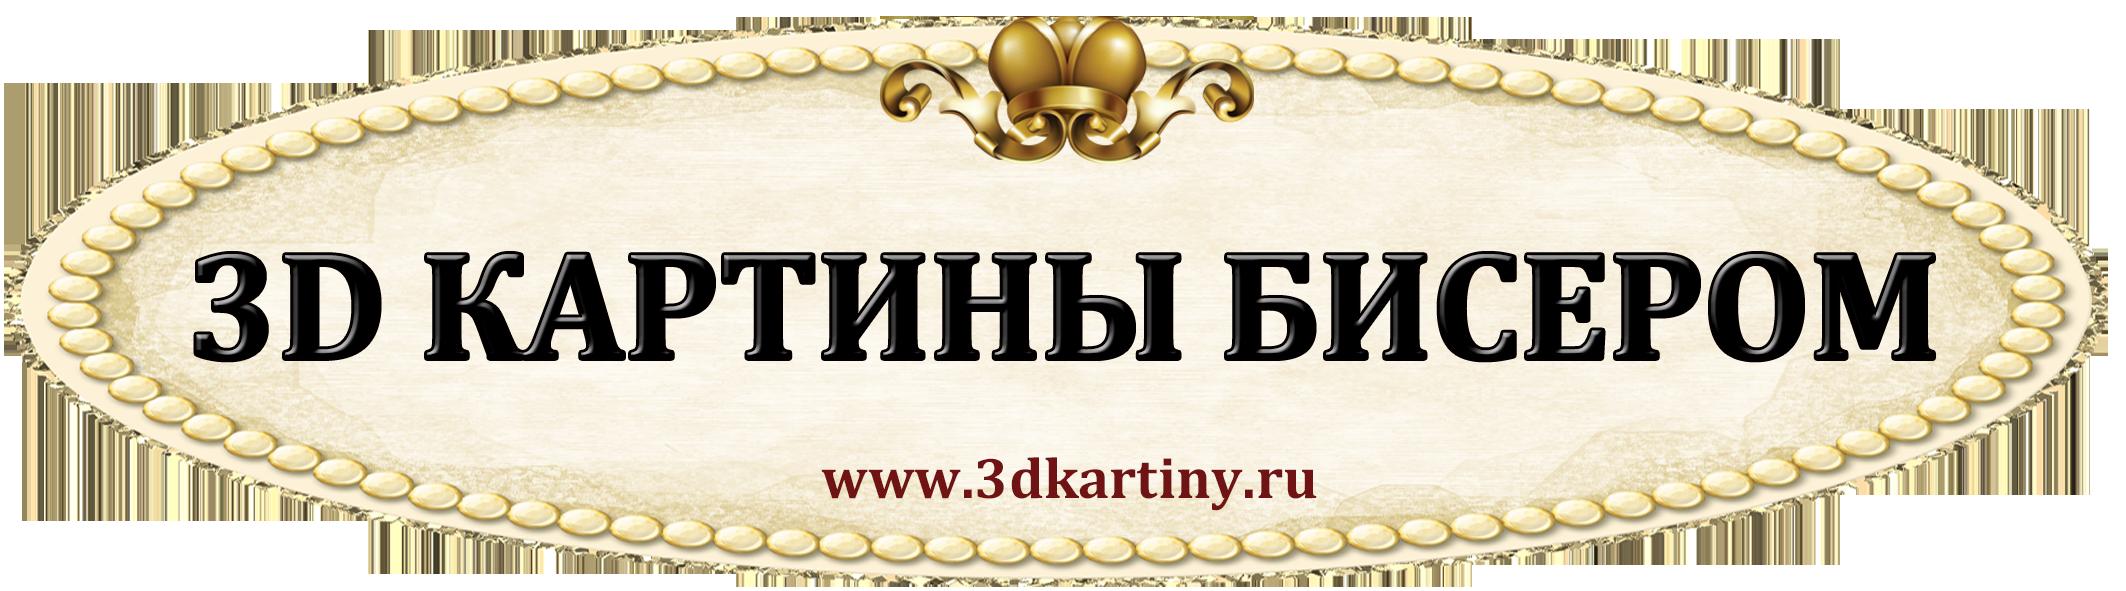 Логотип_с_обложки.png